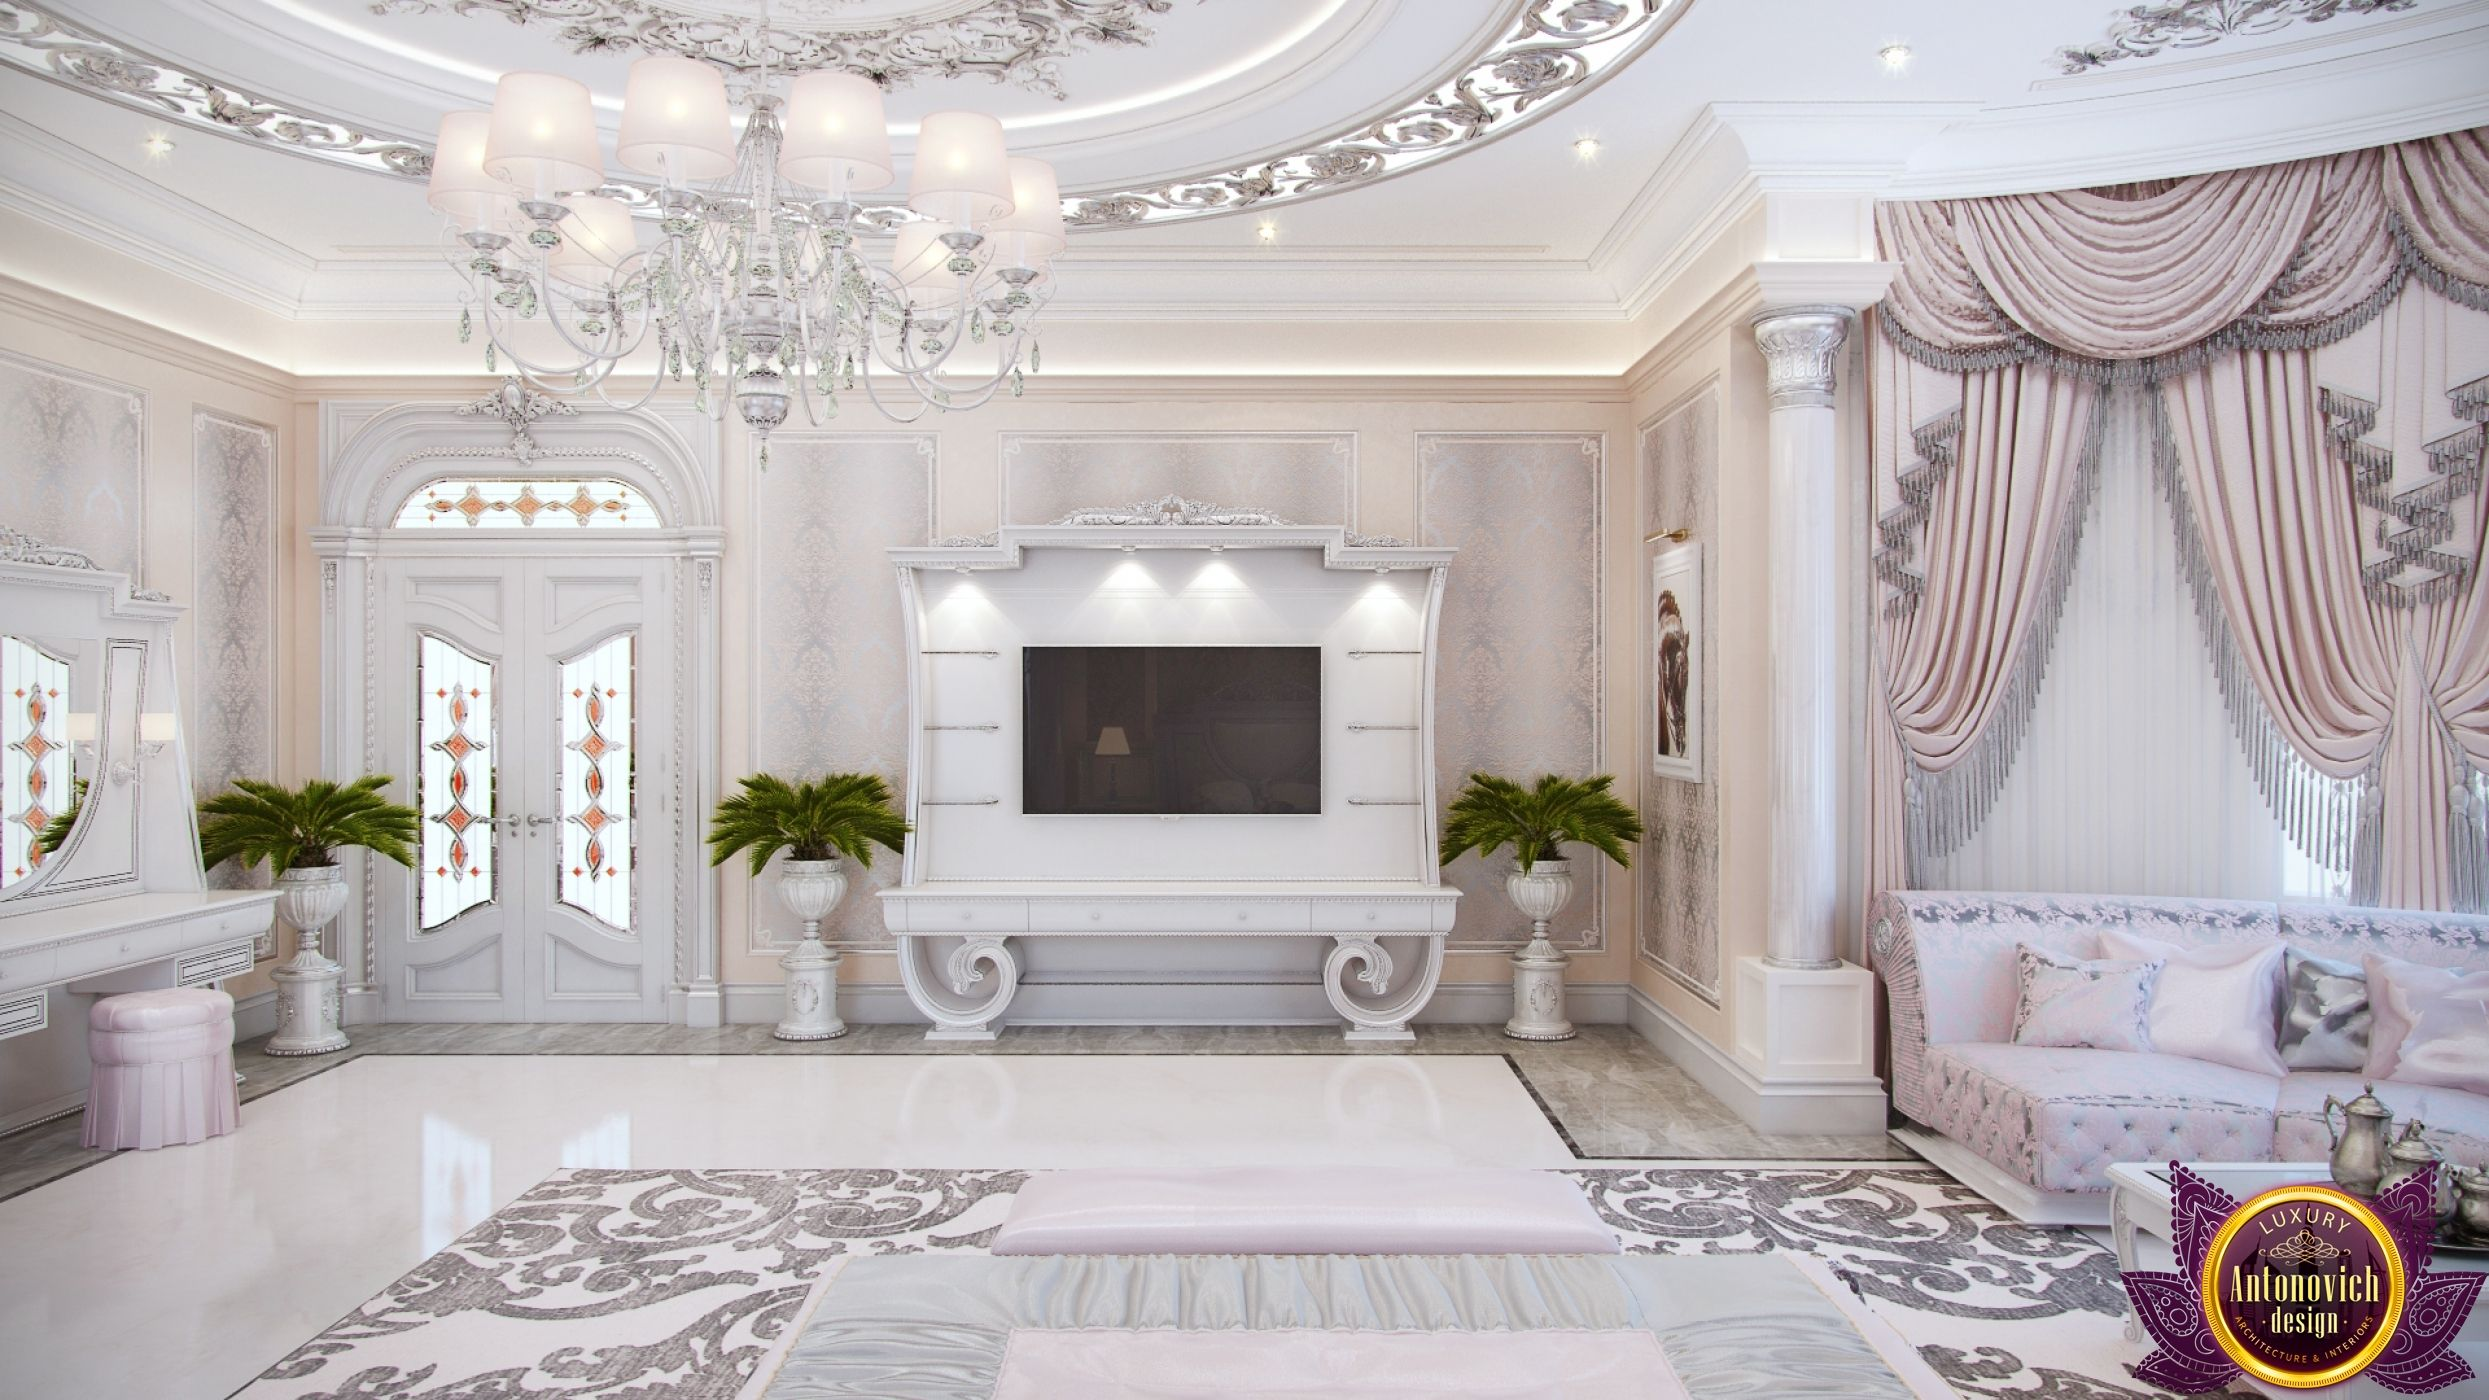 master bedroom in dubai interior design for bedrooms on home interior design bedroom id=81096